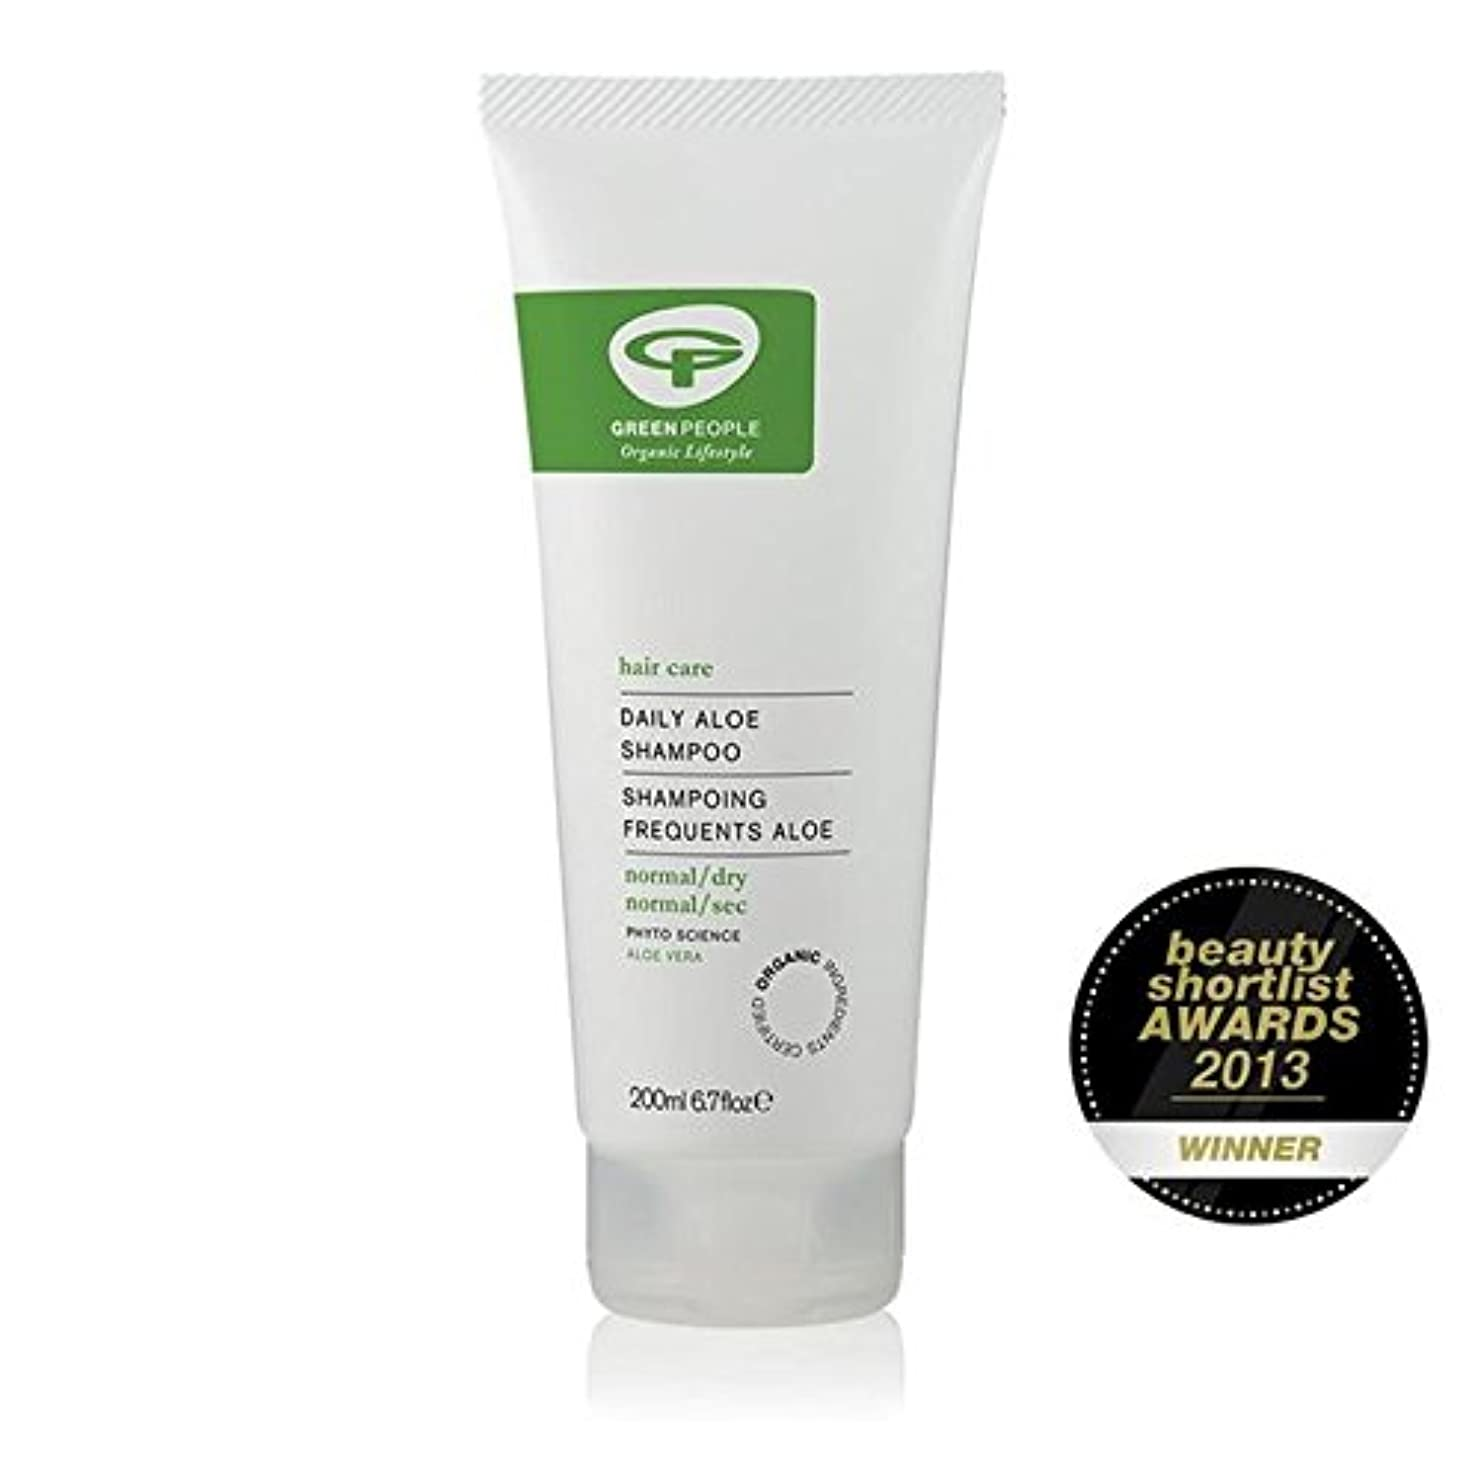 オリエンタル豊富喉頭Green People Organic Daily Aloe Vera Shampoo 200ml (Pack of 6) - 緑の人々の有機毎日アロエベラシャンプー200ミリリットル x6 [並行輸入品]